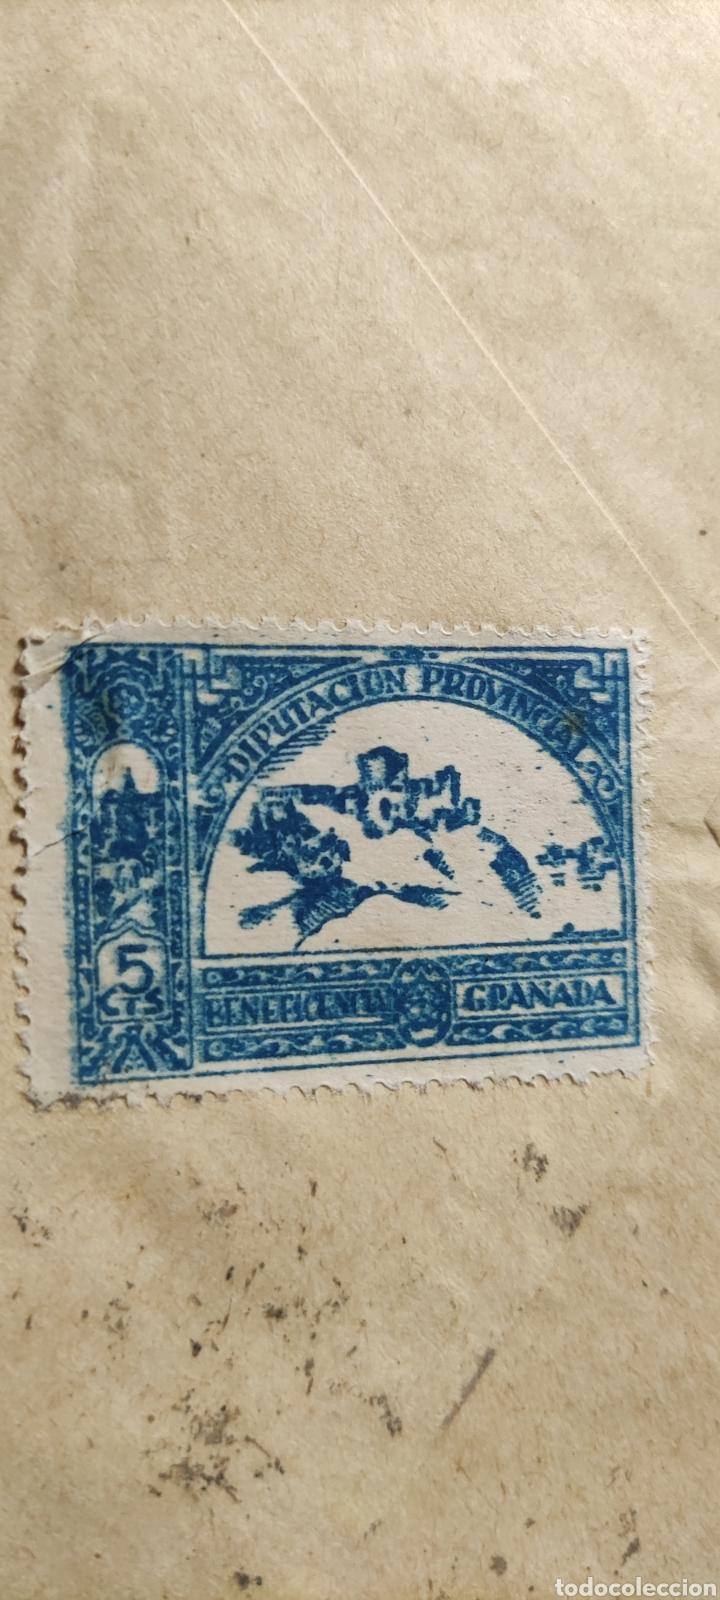 Sellos: Guerra civil carta con viñeta diputación provincial beneficencia granada 1939 - Foto 3 - 245295405